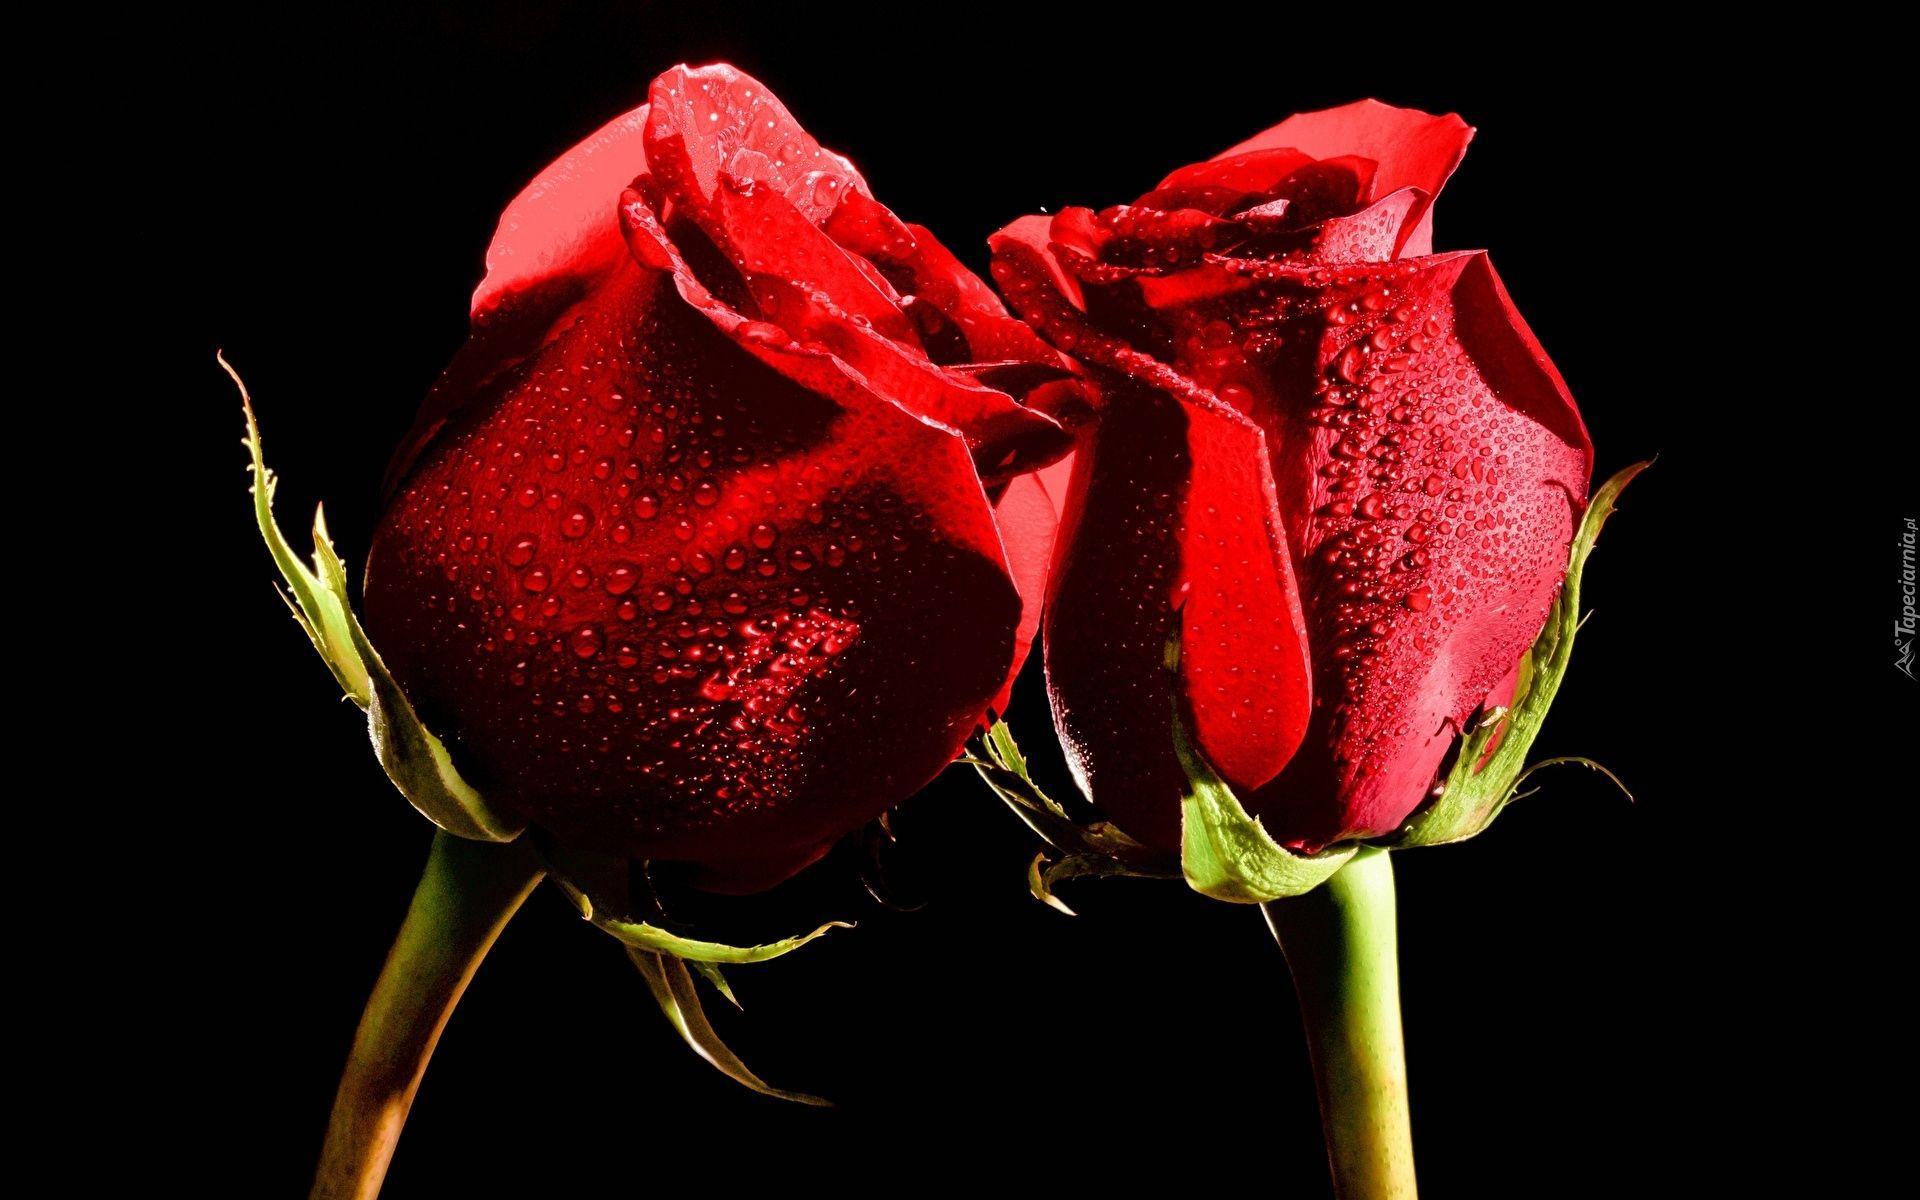 Kwiaty Czerwone Roze Tlo Czarne